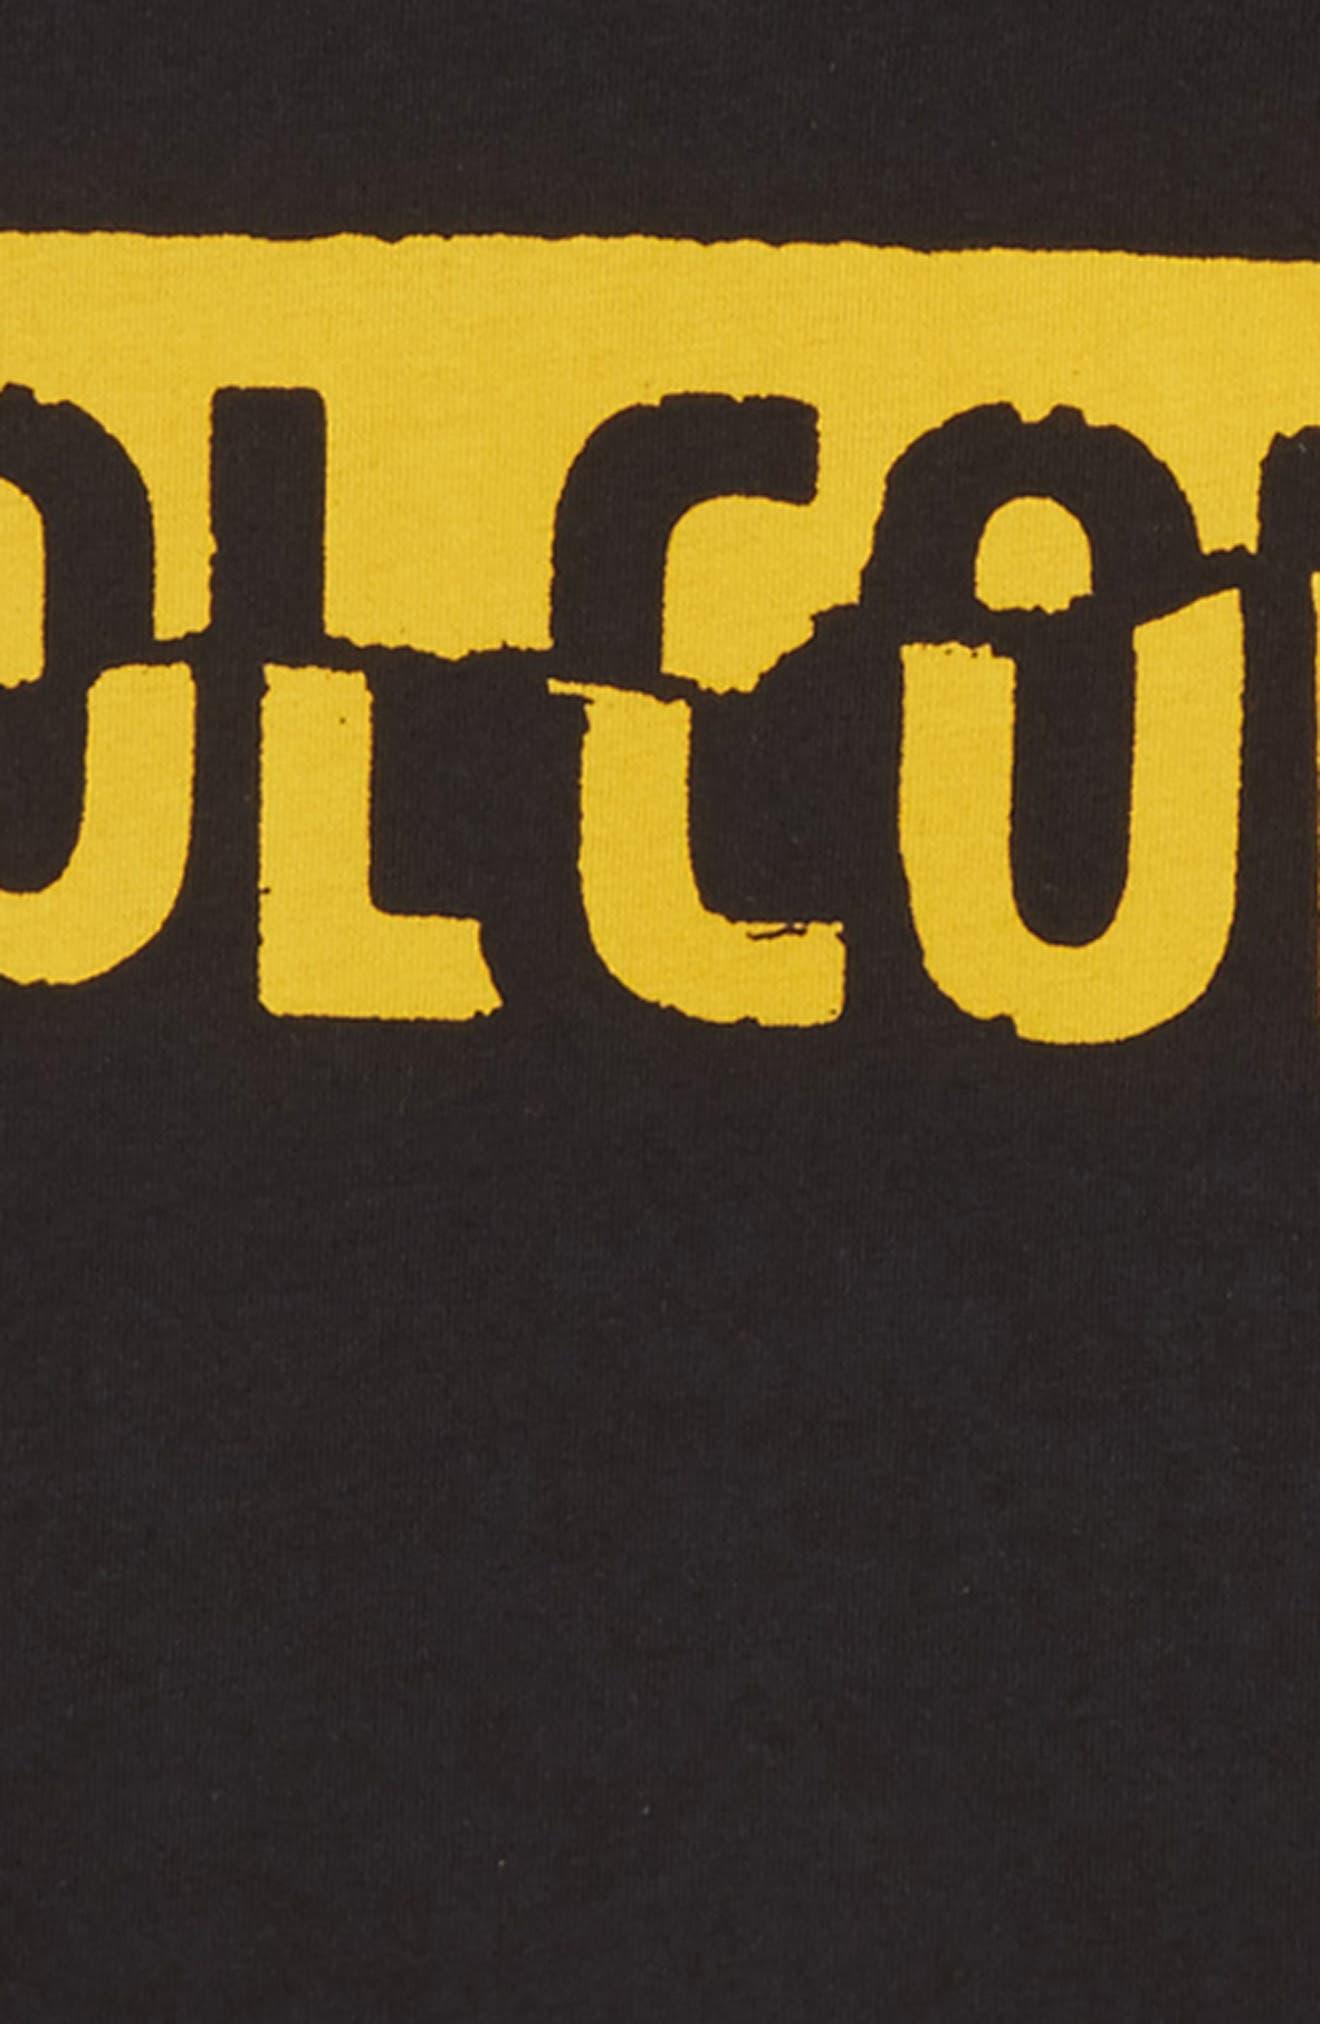 Fracture Organic Cotton T-Shirt,                             Alternate thumbnail 2, color,                             001